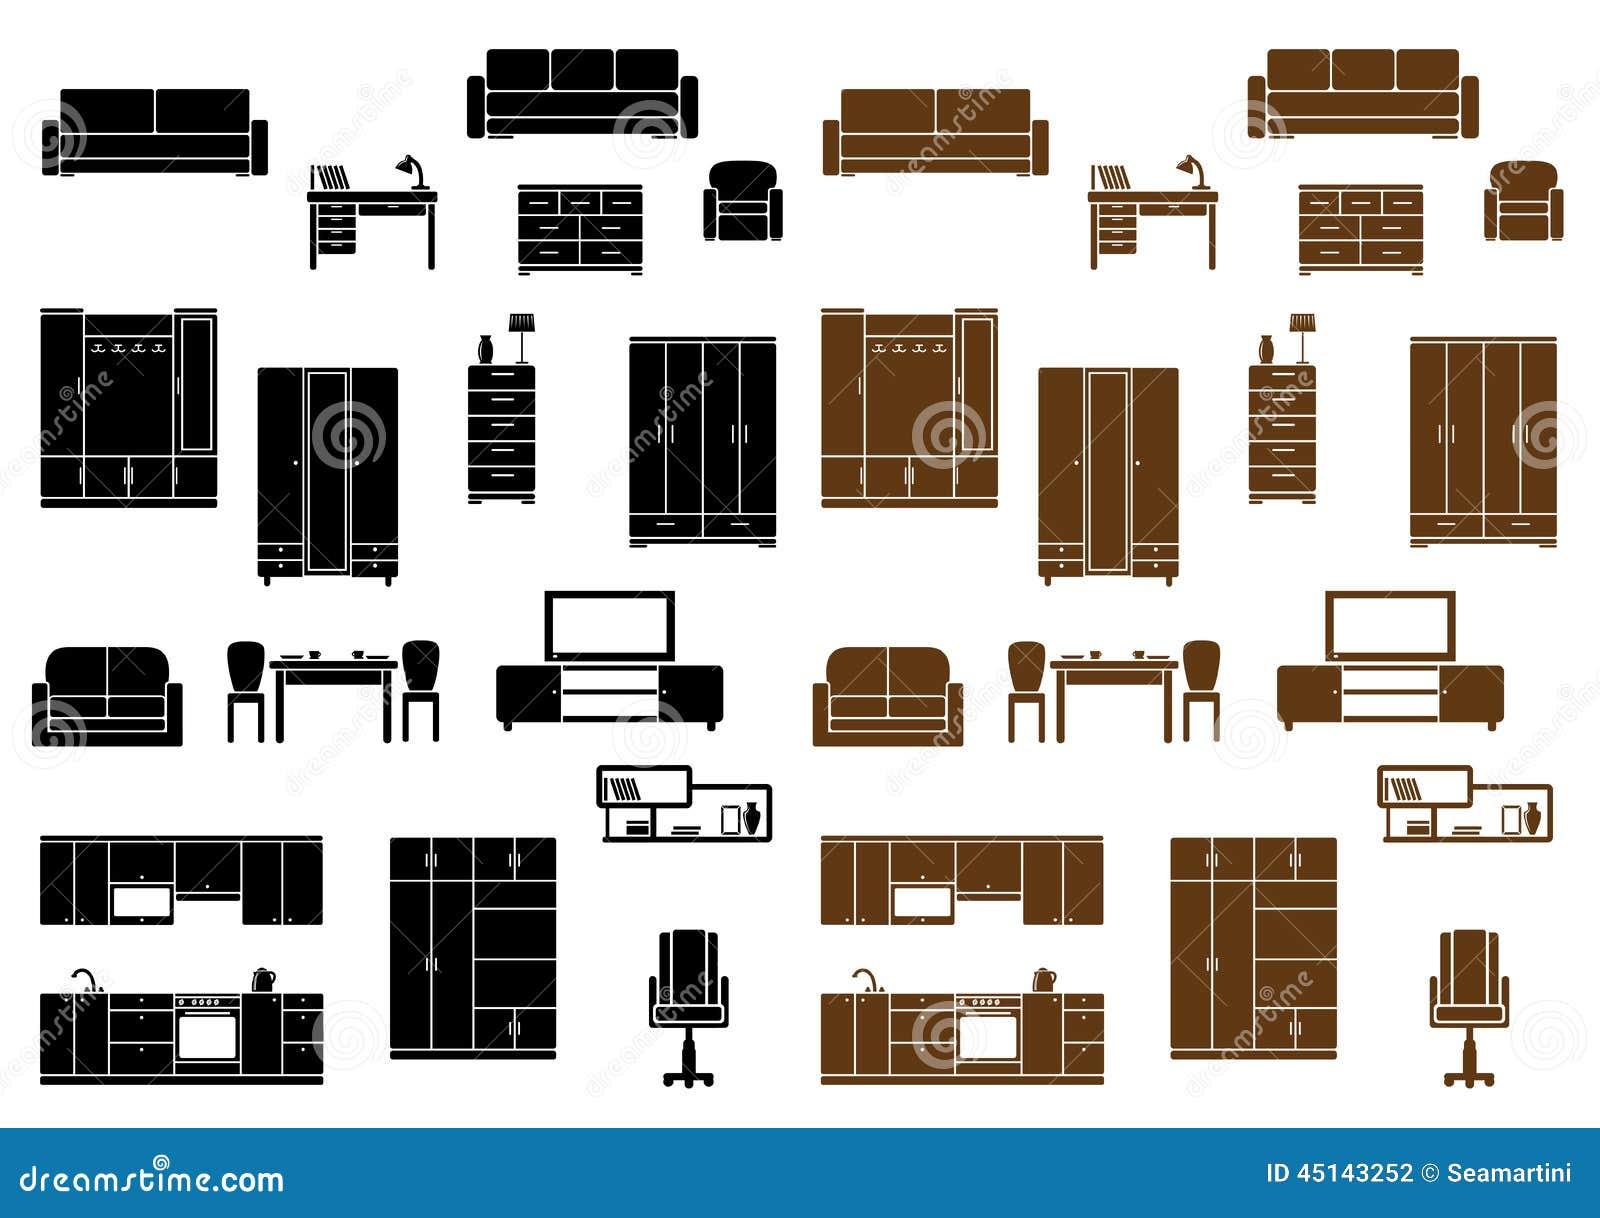 Muebles Vectorizados Para Planos - Iconos Planos De Los Muebles Fijados Ilustraci N Del Vector [mjhdah]https://previews.123rf.com/images/seamartini/seamartini1410/seamartini141000232/32712567-set-of-vector-flat-furniture-icons-depicting-various-cabinets-beds-sofa-armchair-television-desk-and.jpg